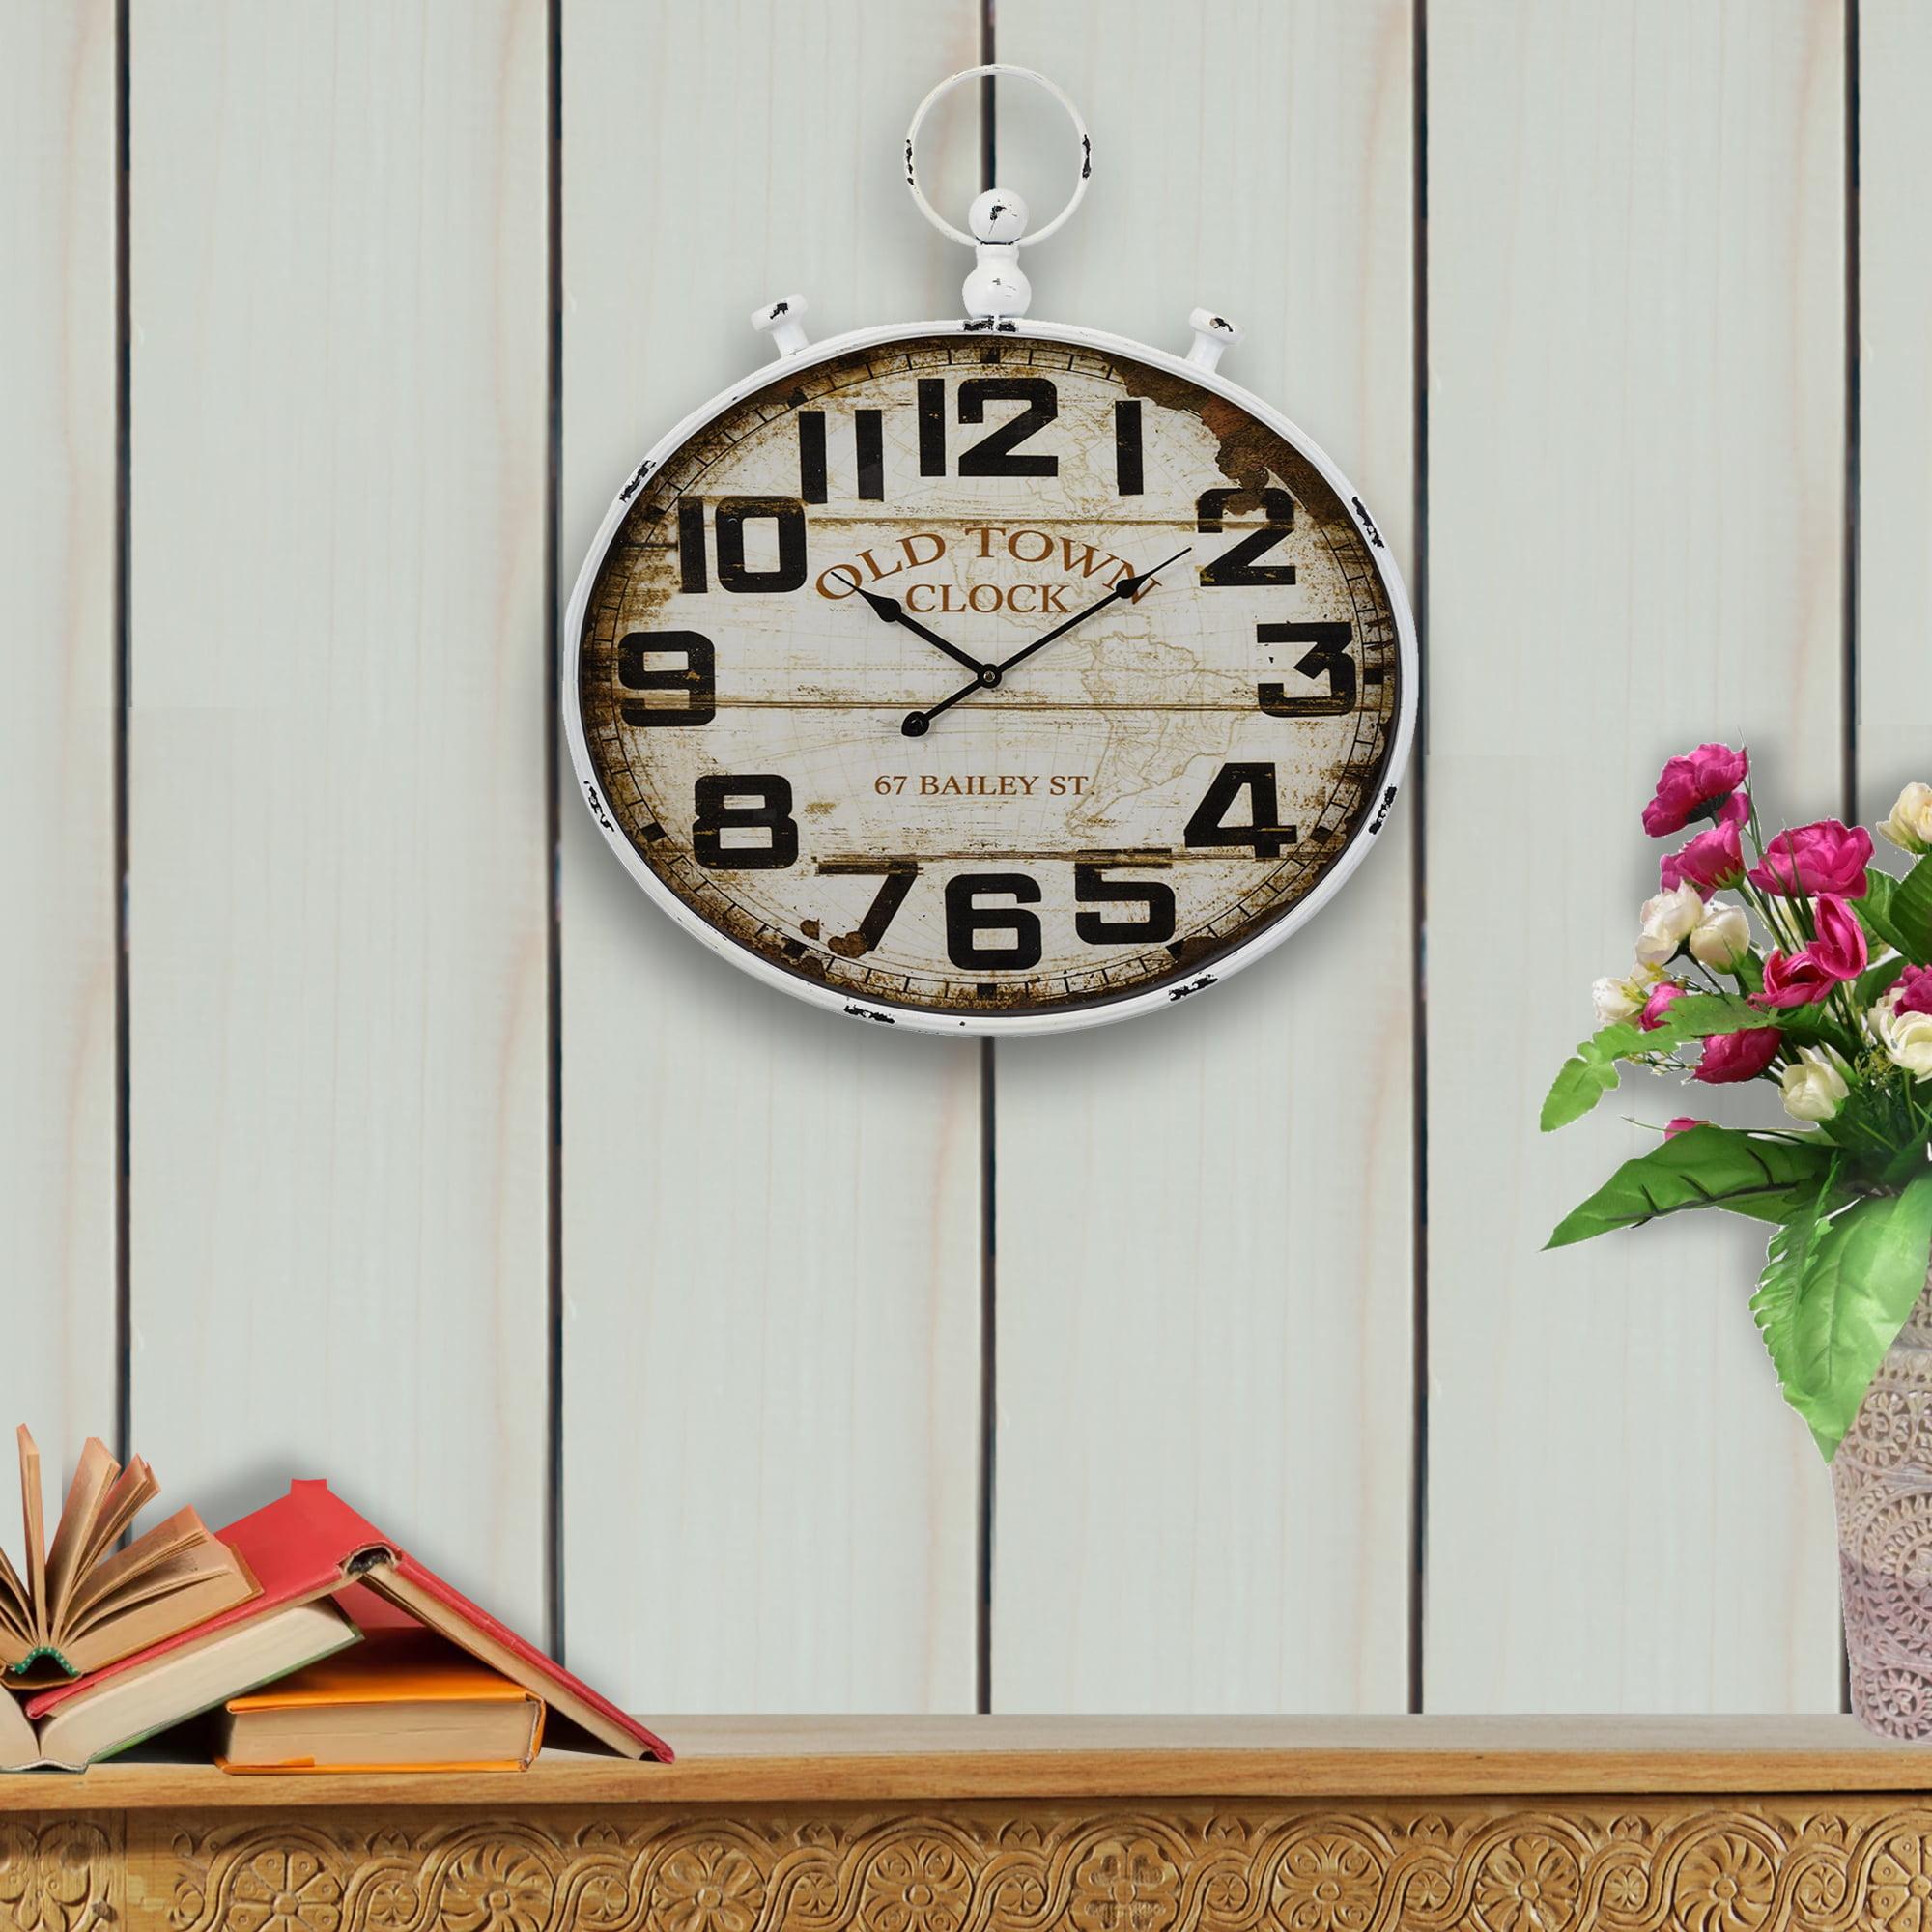 Benzara BM184772 Round Shape Wall Clock with Mirrored Finish White